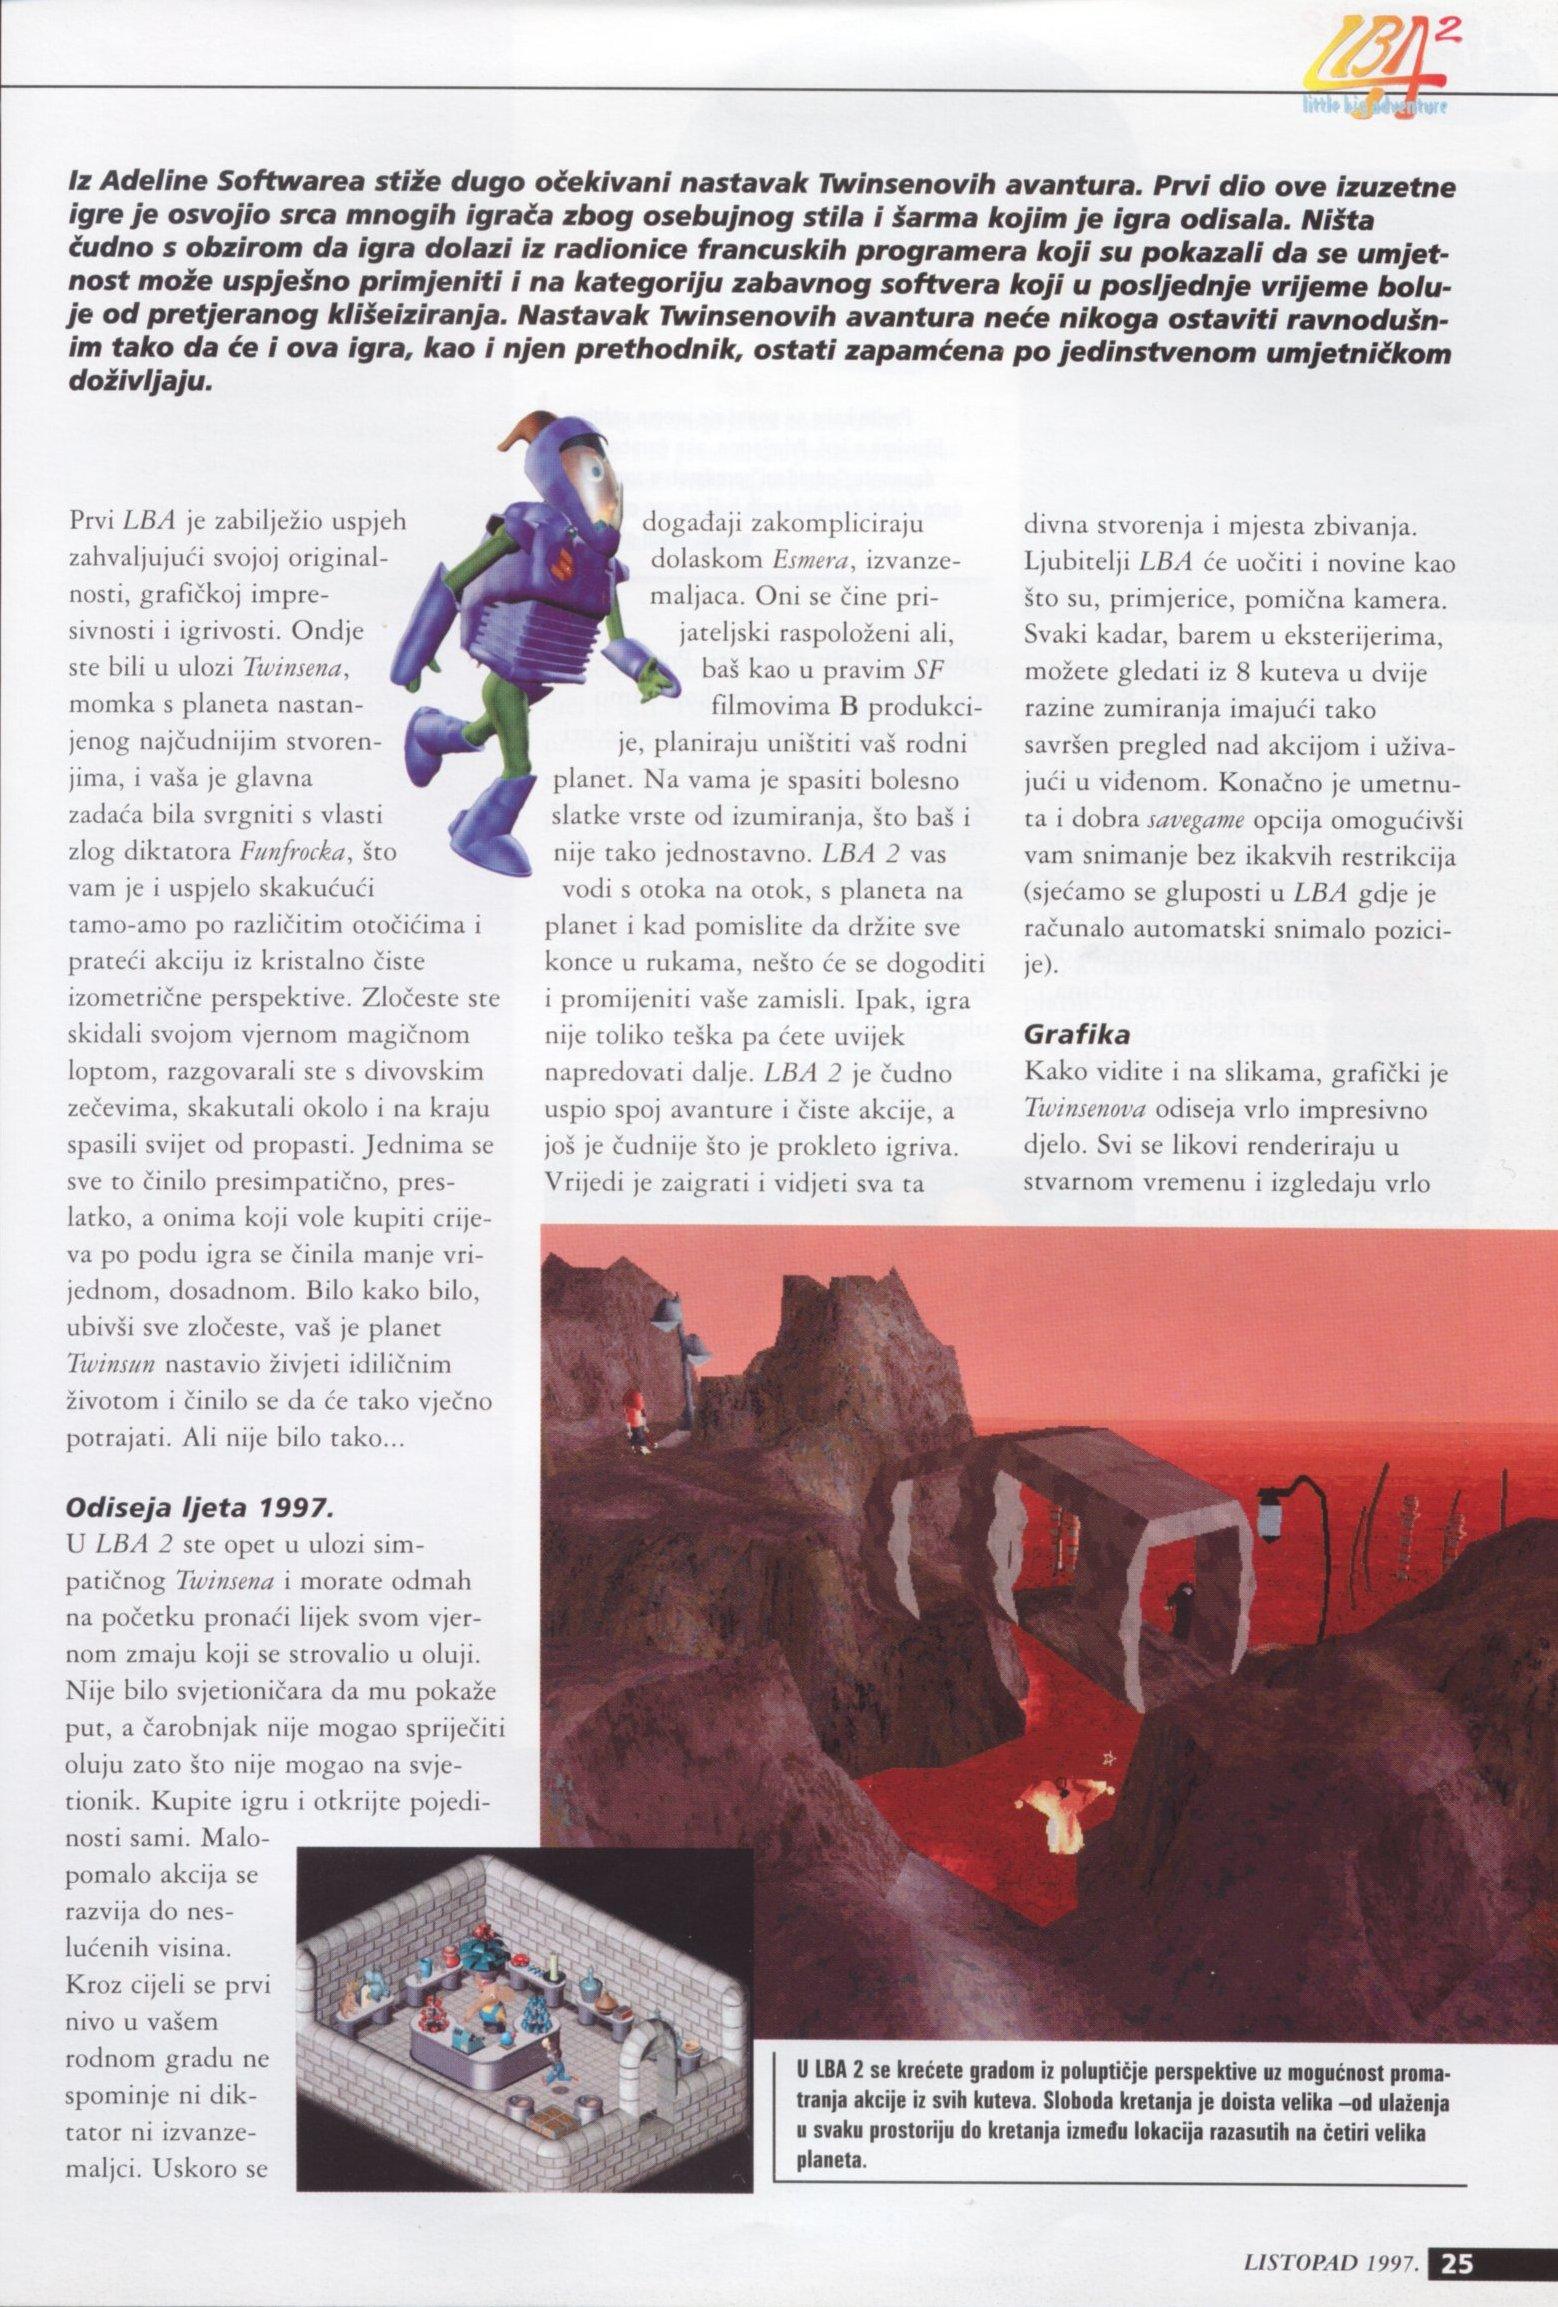 Hacker LBA2 Review 1997-10 [2]